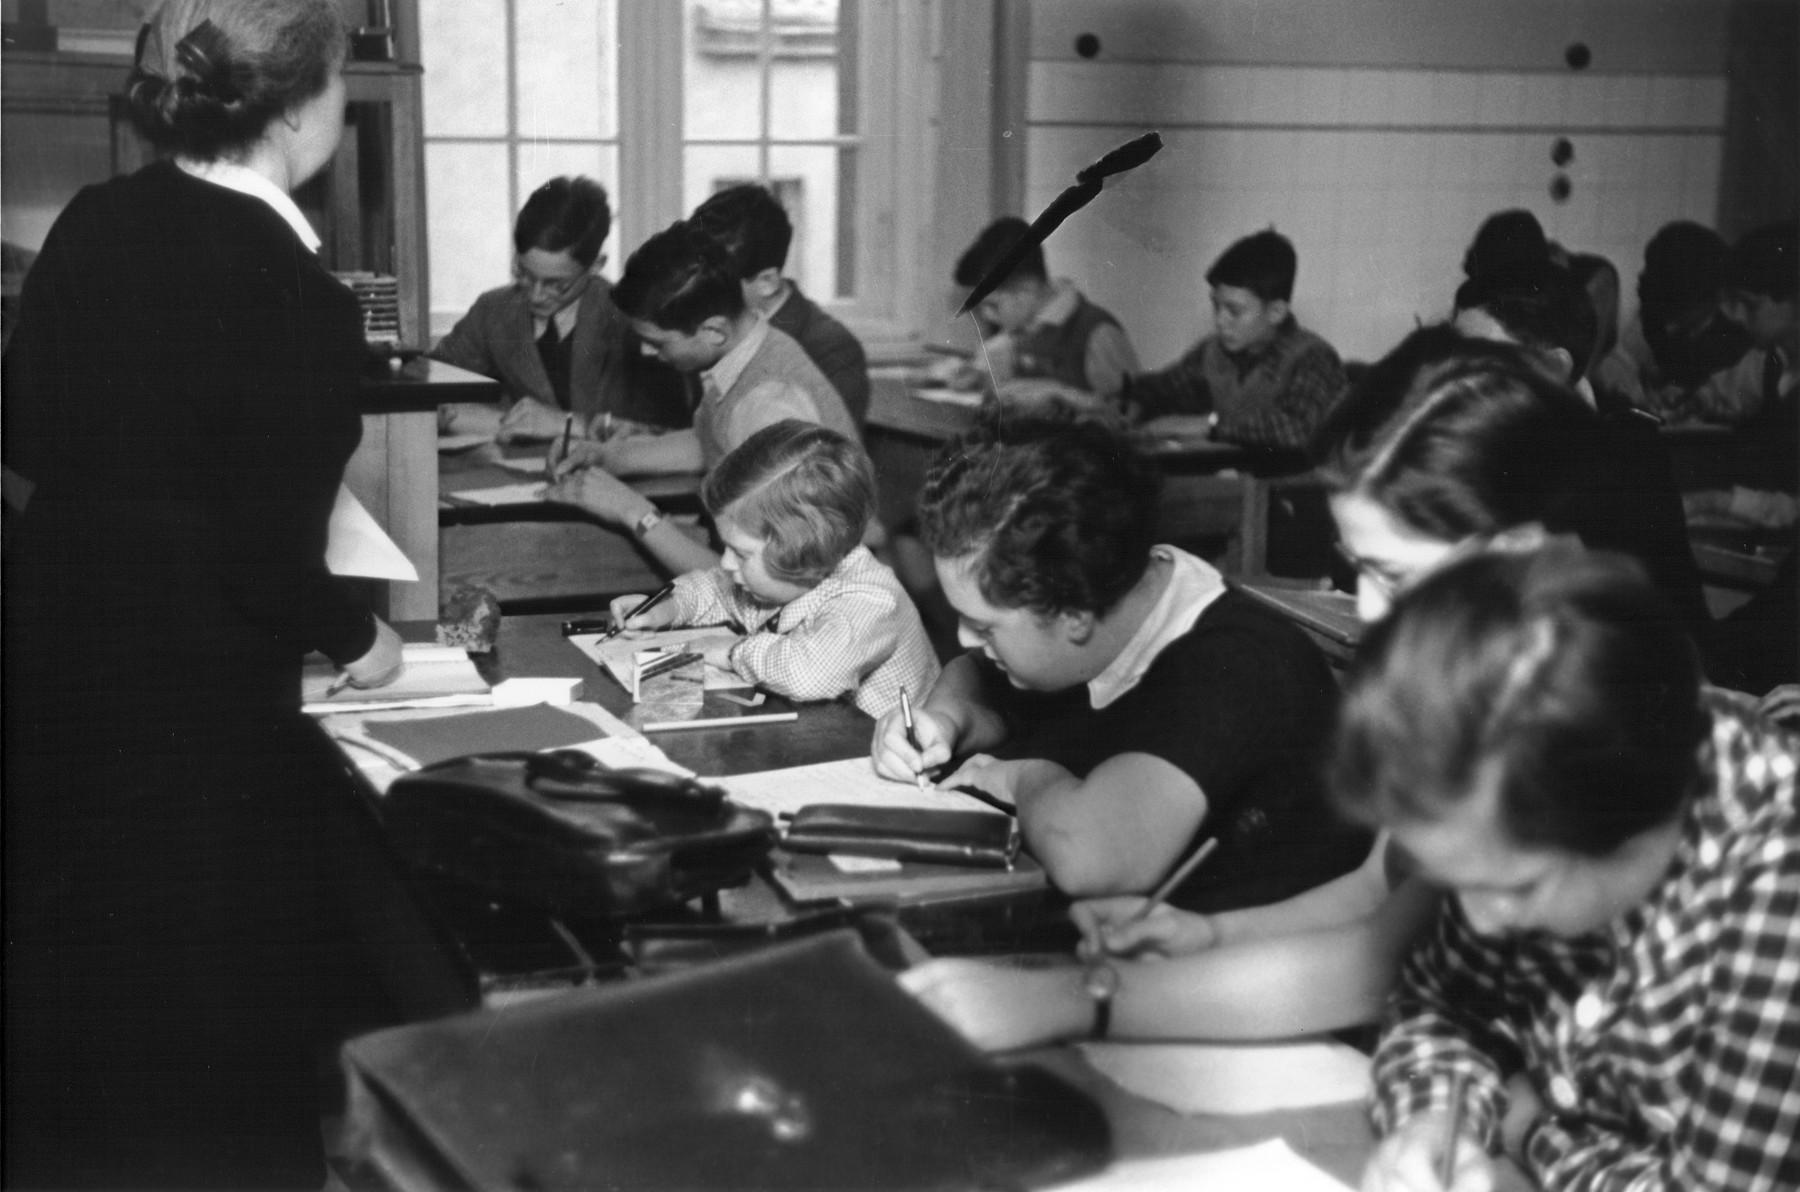 A female teacher instructs a class at the Goldschmidt Jewish private school in Berlin-Grunewald.